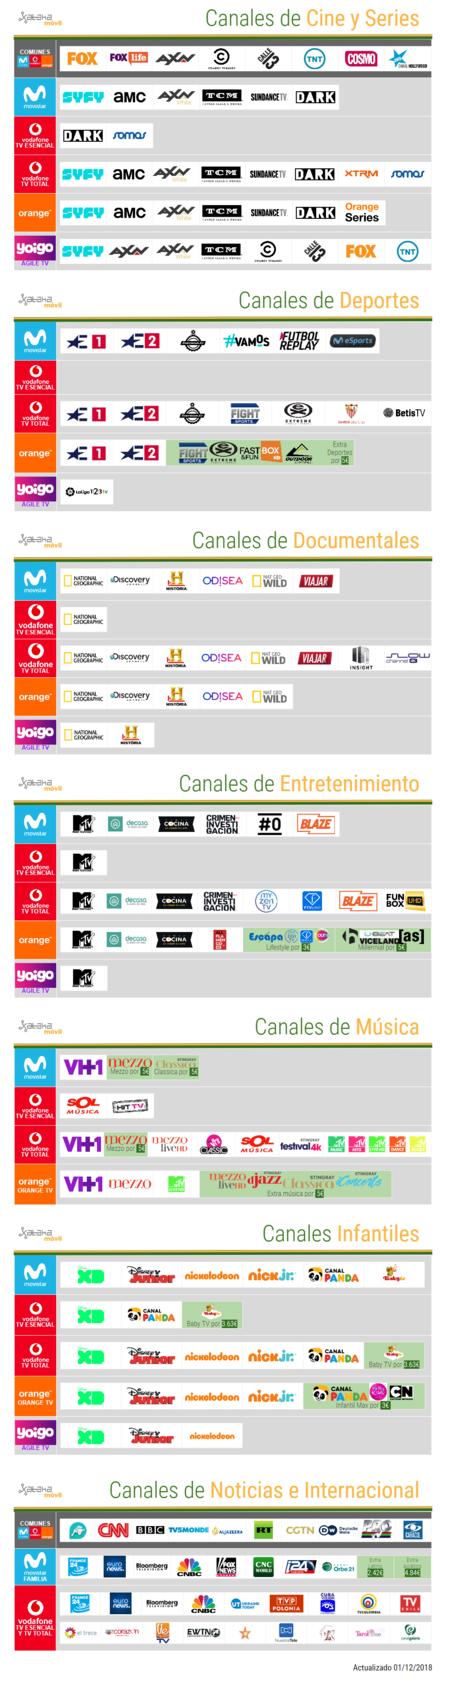 Comparativa Canales De Television 2019